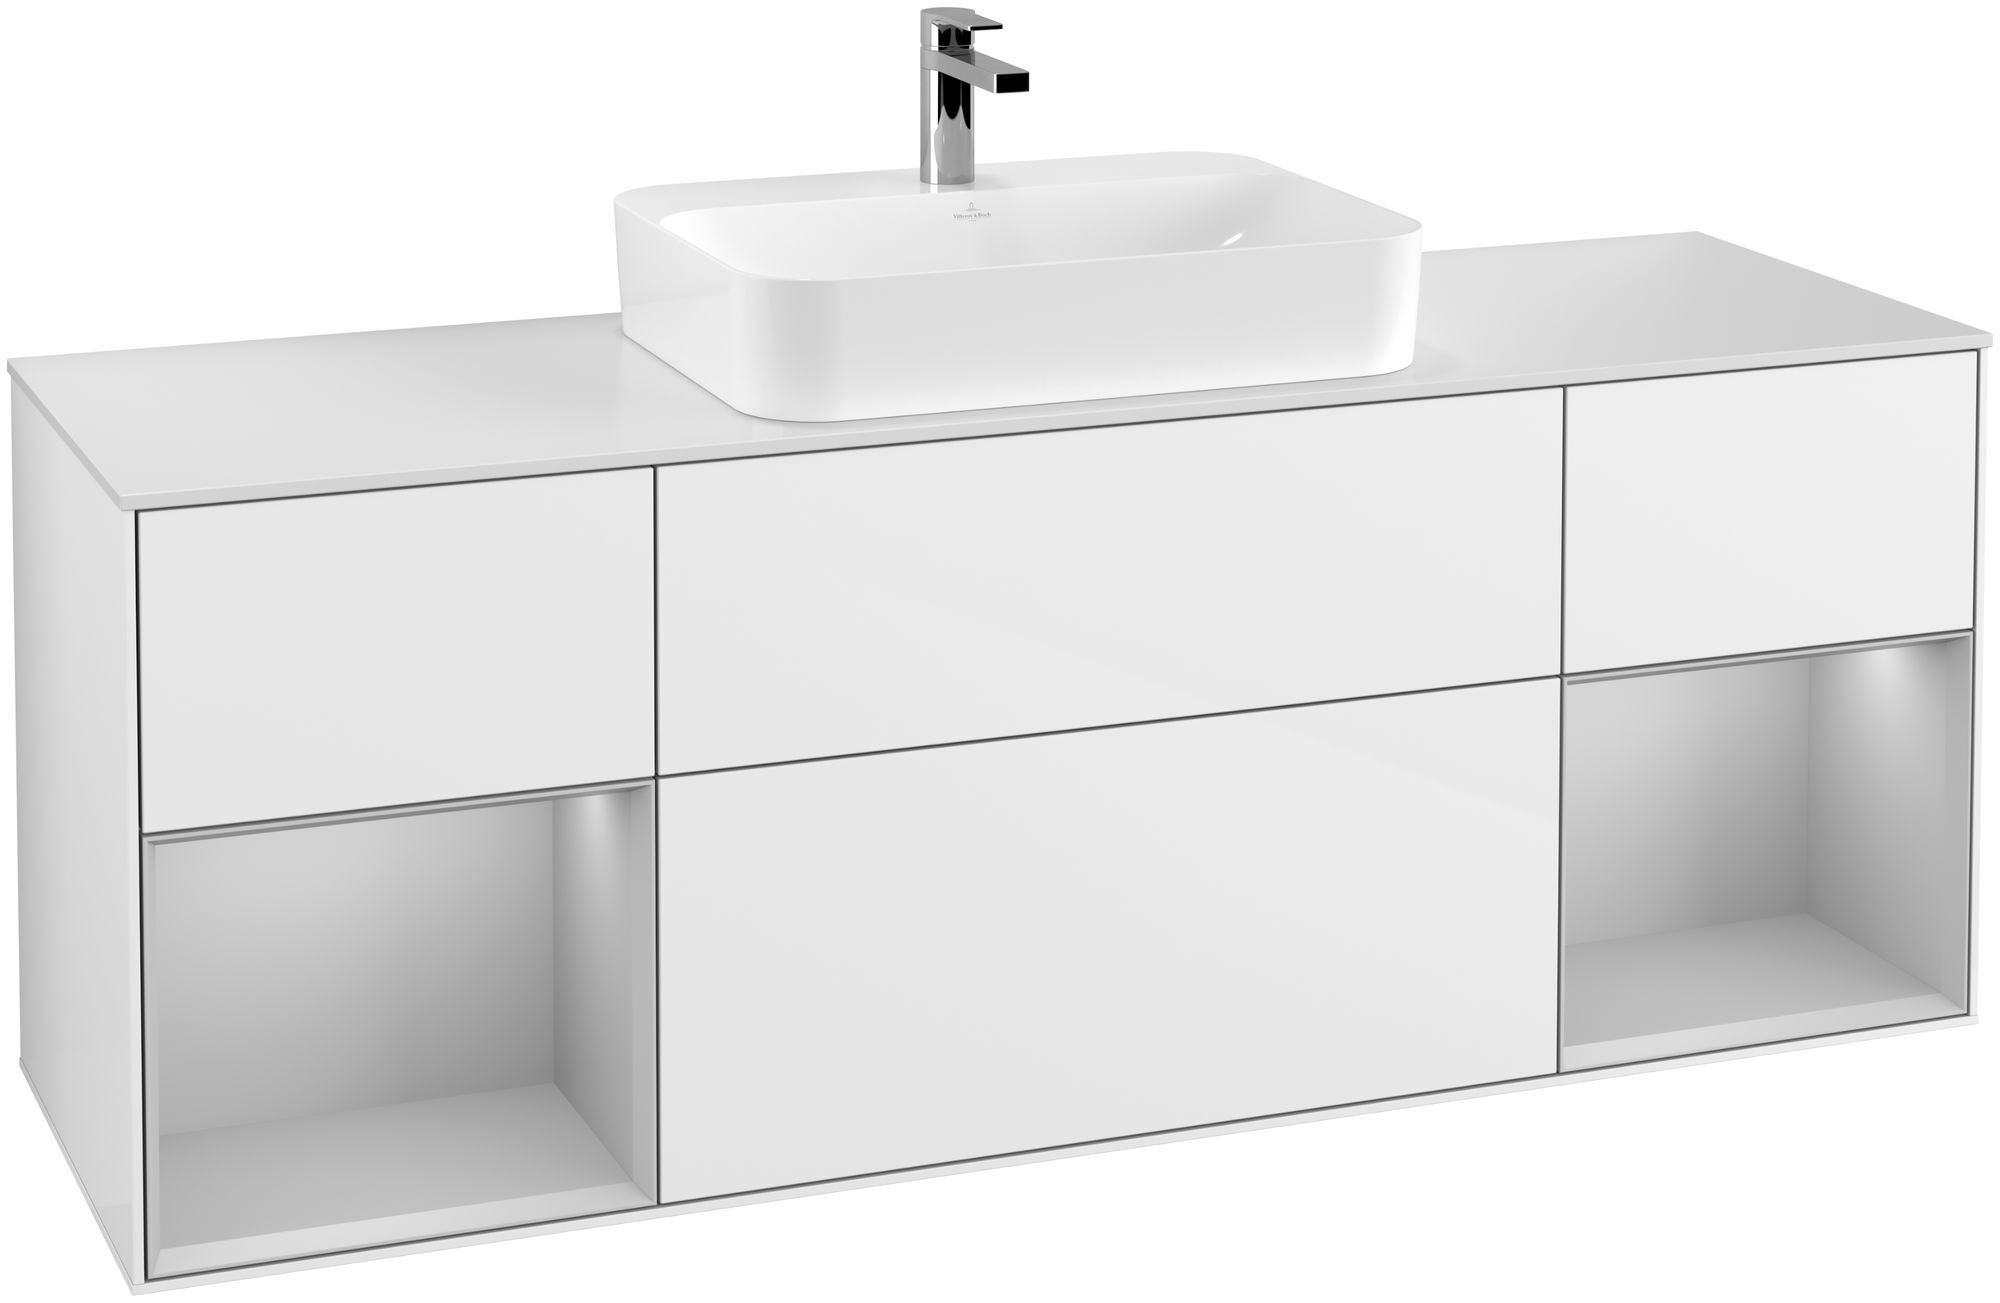 Villeroy & Boch Finion G45 Waschtischunterschrank mit Regalelement 4 Auszüge für WT mittig LED-Beleuchtung B:160xH:60,3xT:50,1cm Front, Korpus: Glossy White Lack, Regal: Light Grey Matt, Glasplatte: White Matt G451GJGF